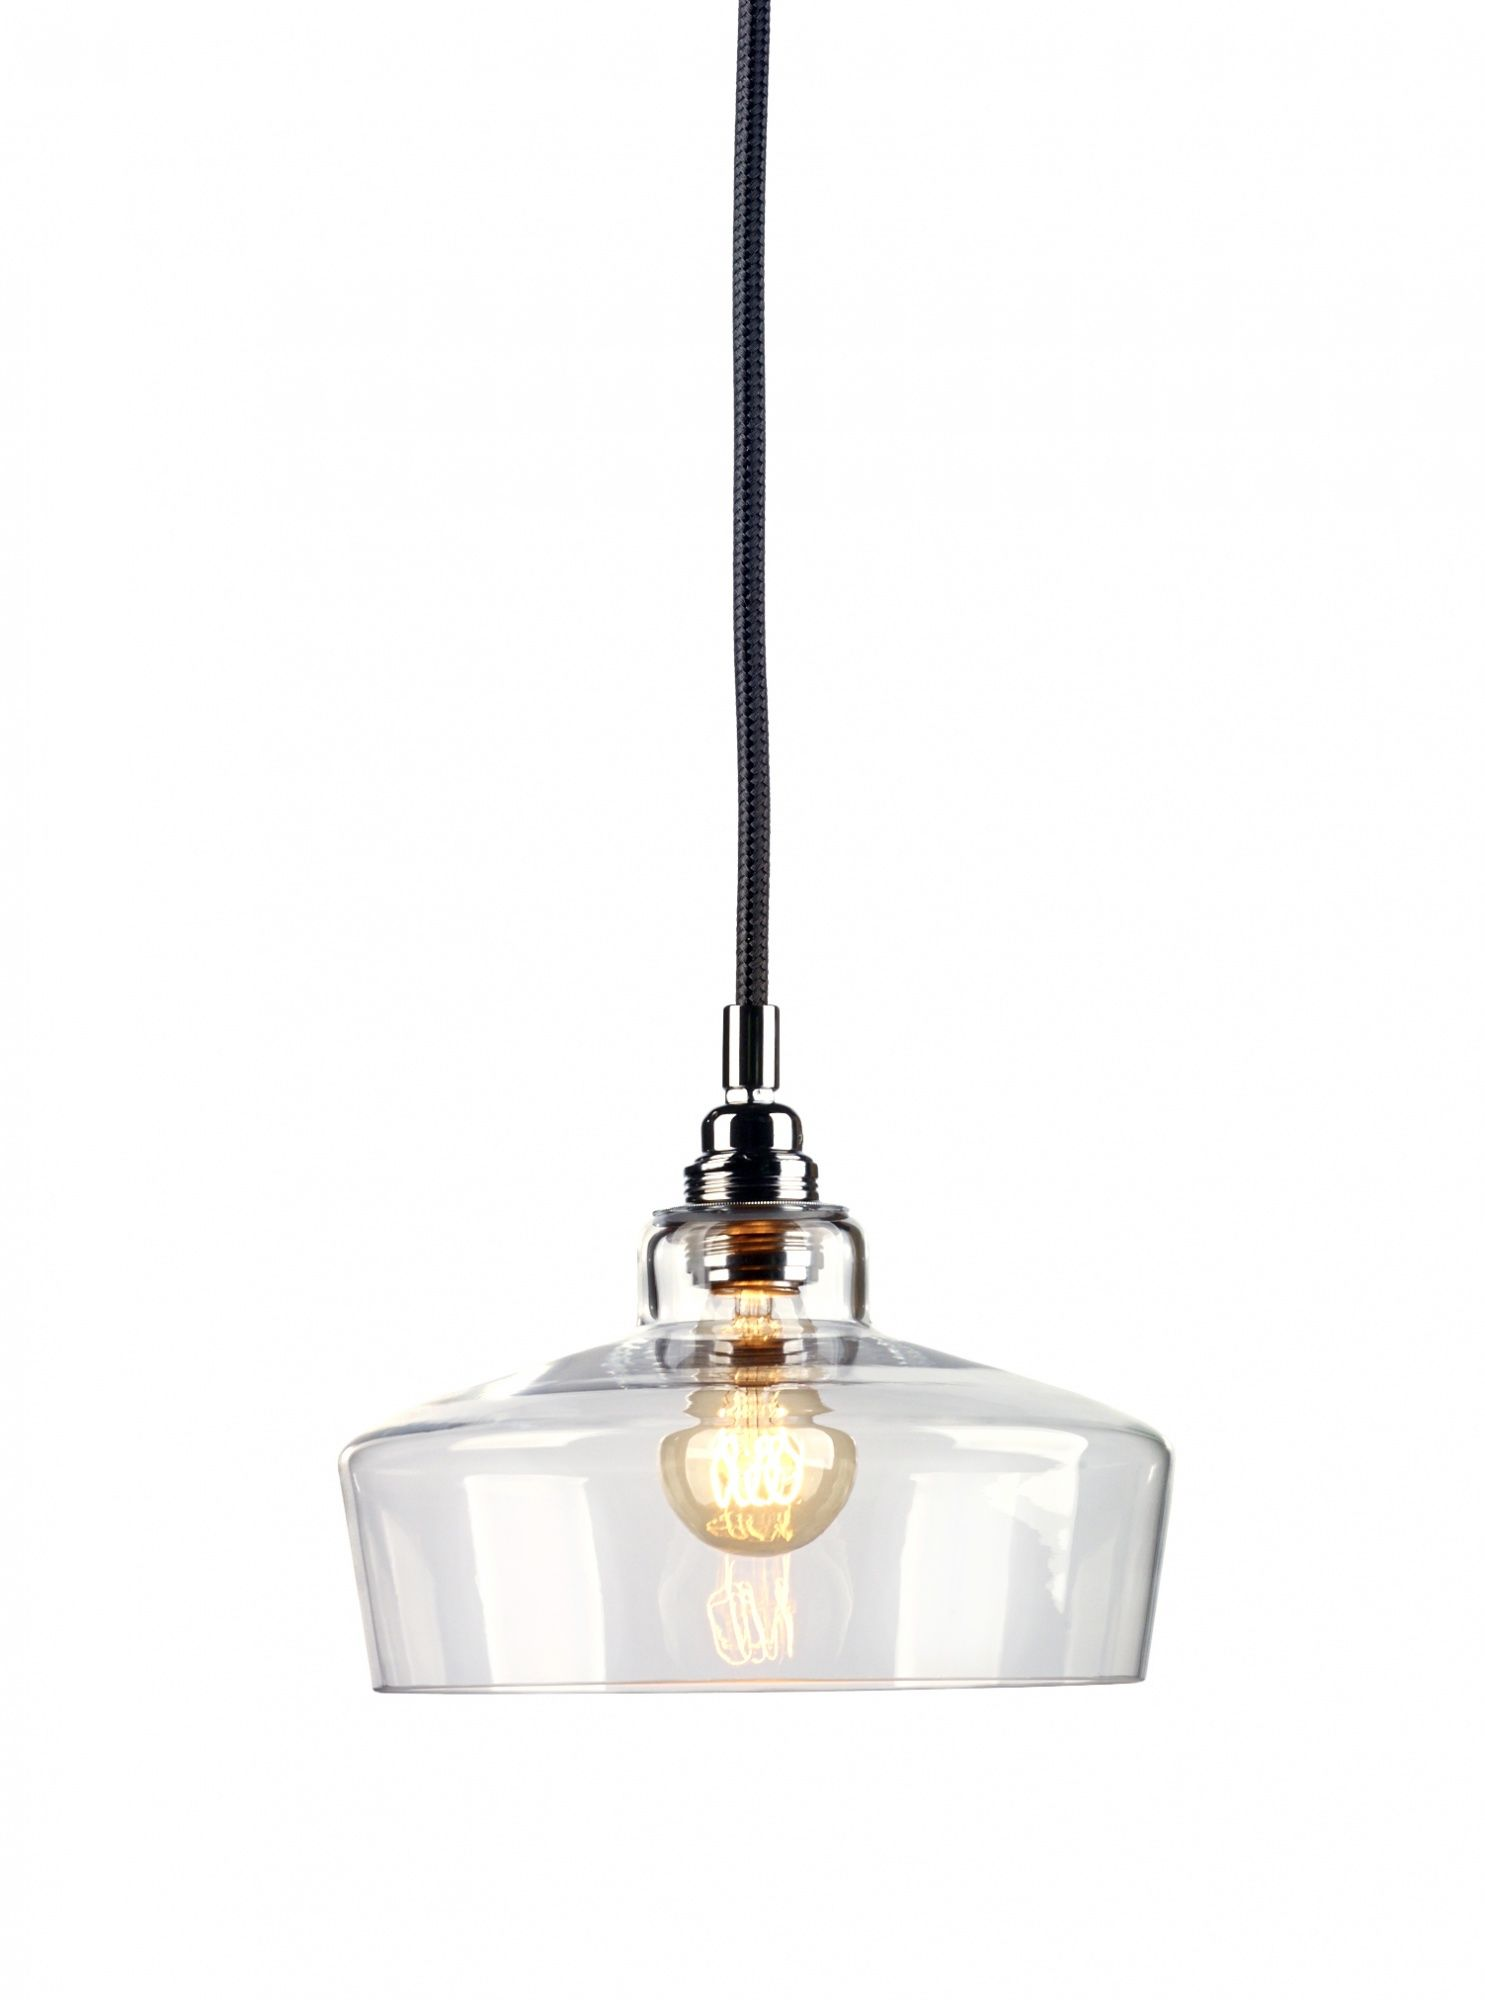 Lampa wisząca Longis III 10142109 oprawa przezroczysta / przewód czarny Kaspa